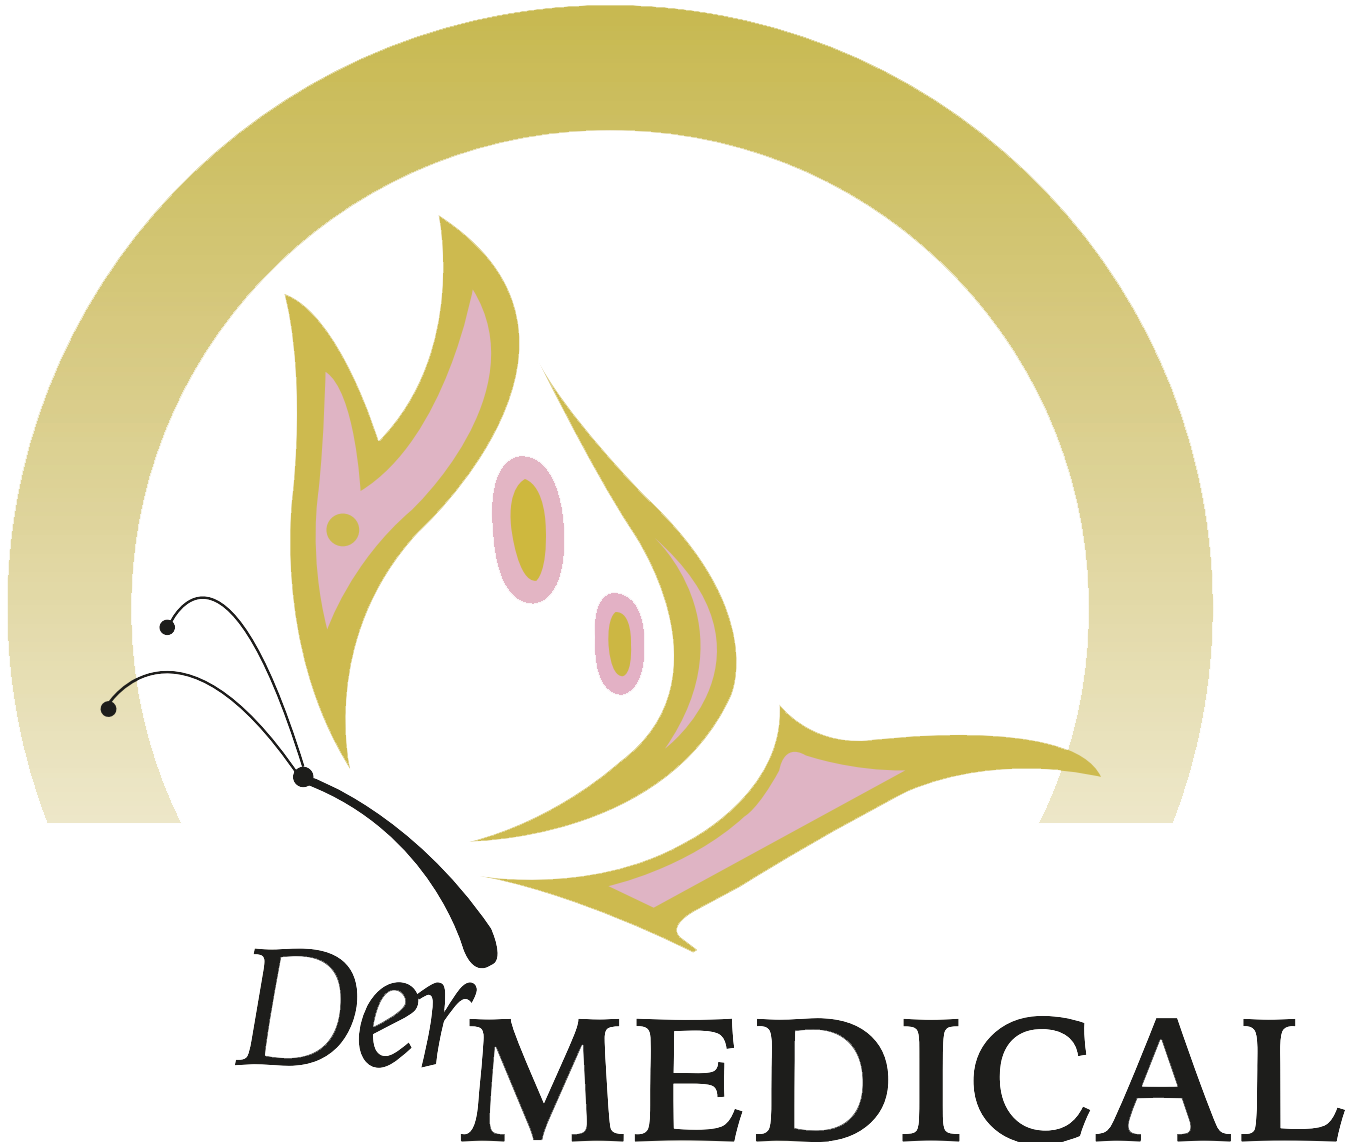 Dermafarmacia